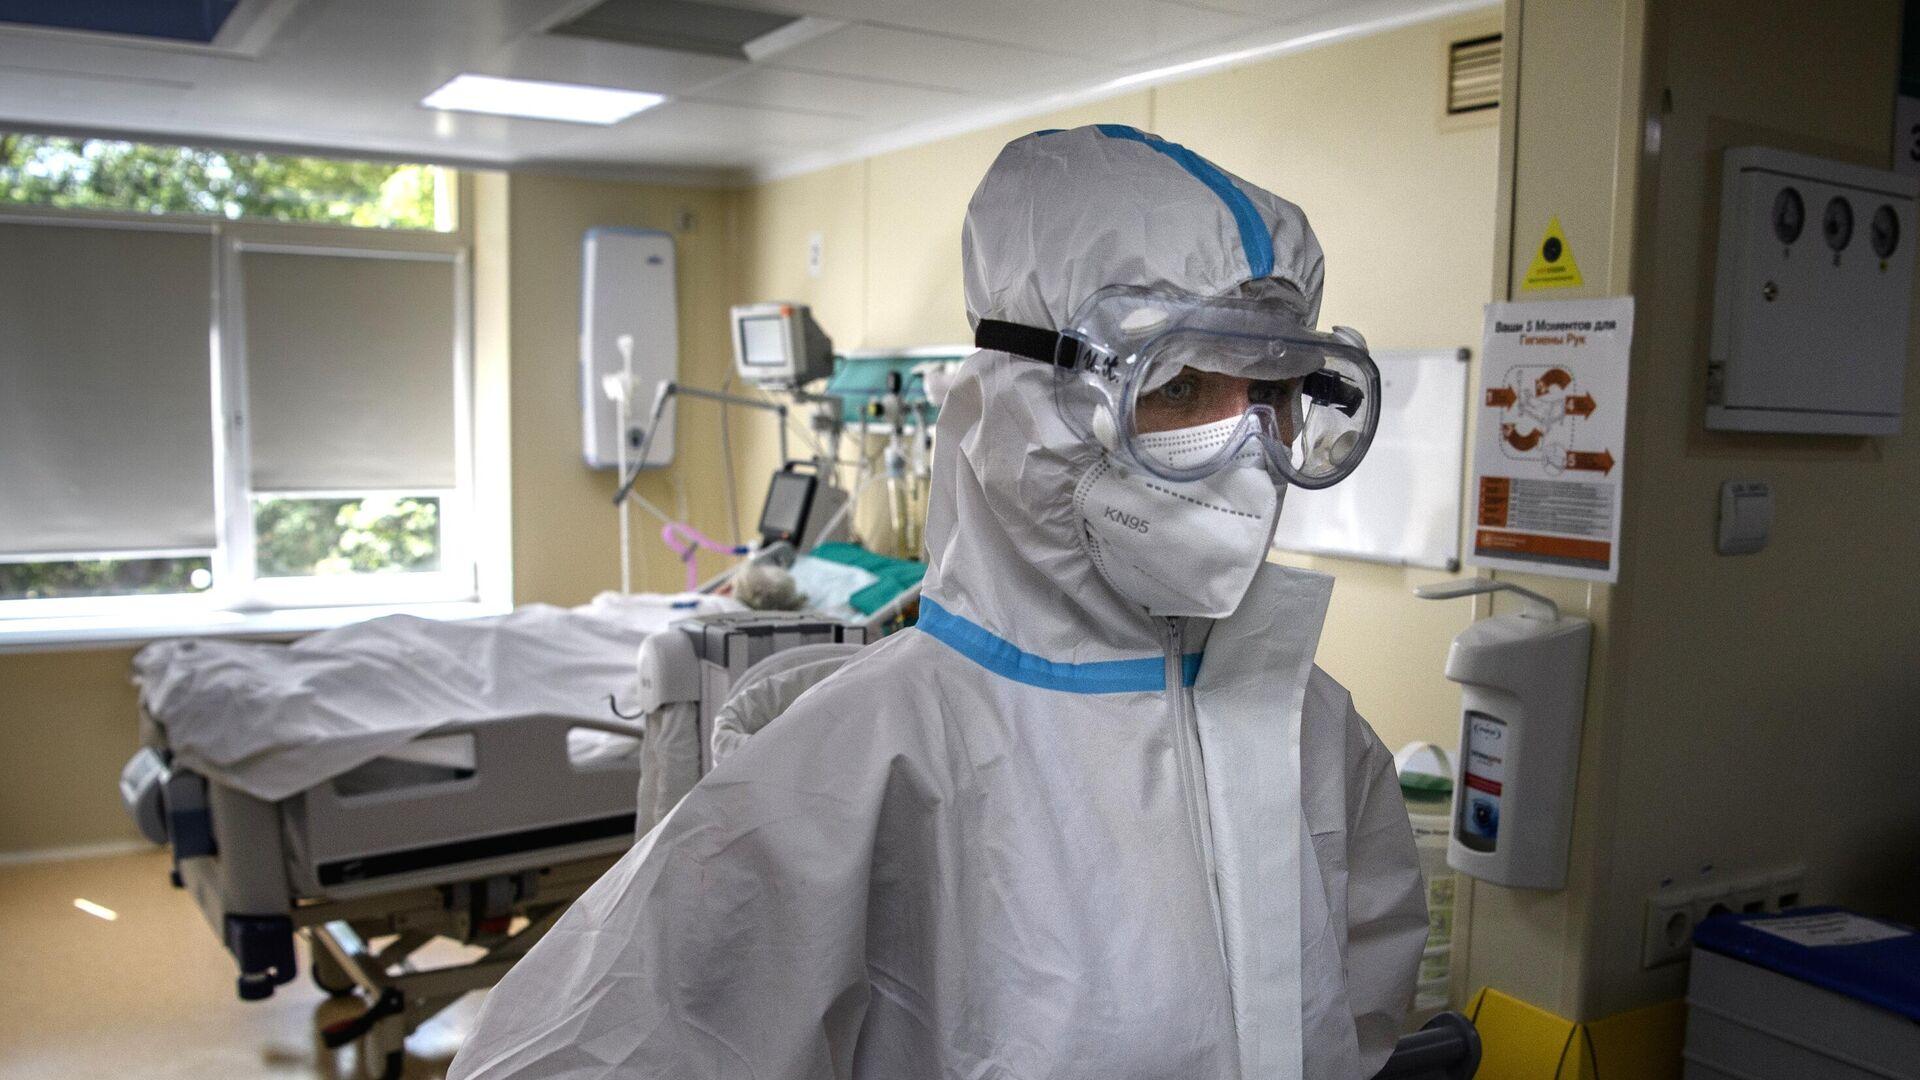 Медицинский работник в отделении реанимации и интенсивной терапии в госпитале COVID-19 в городской клинической больнице No 52 в Москве - РИА Новости, 1920, 05.08.2021